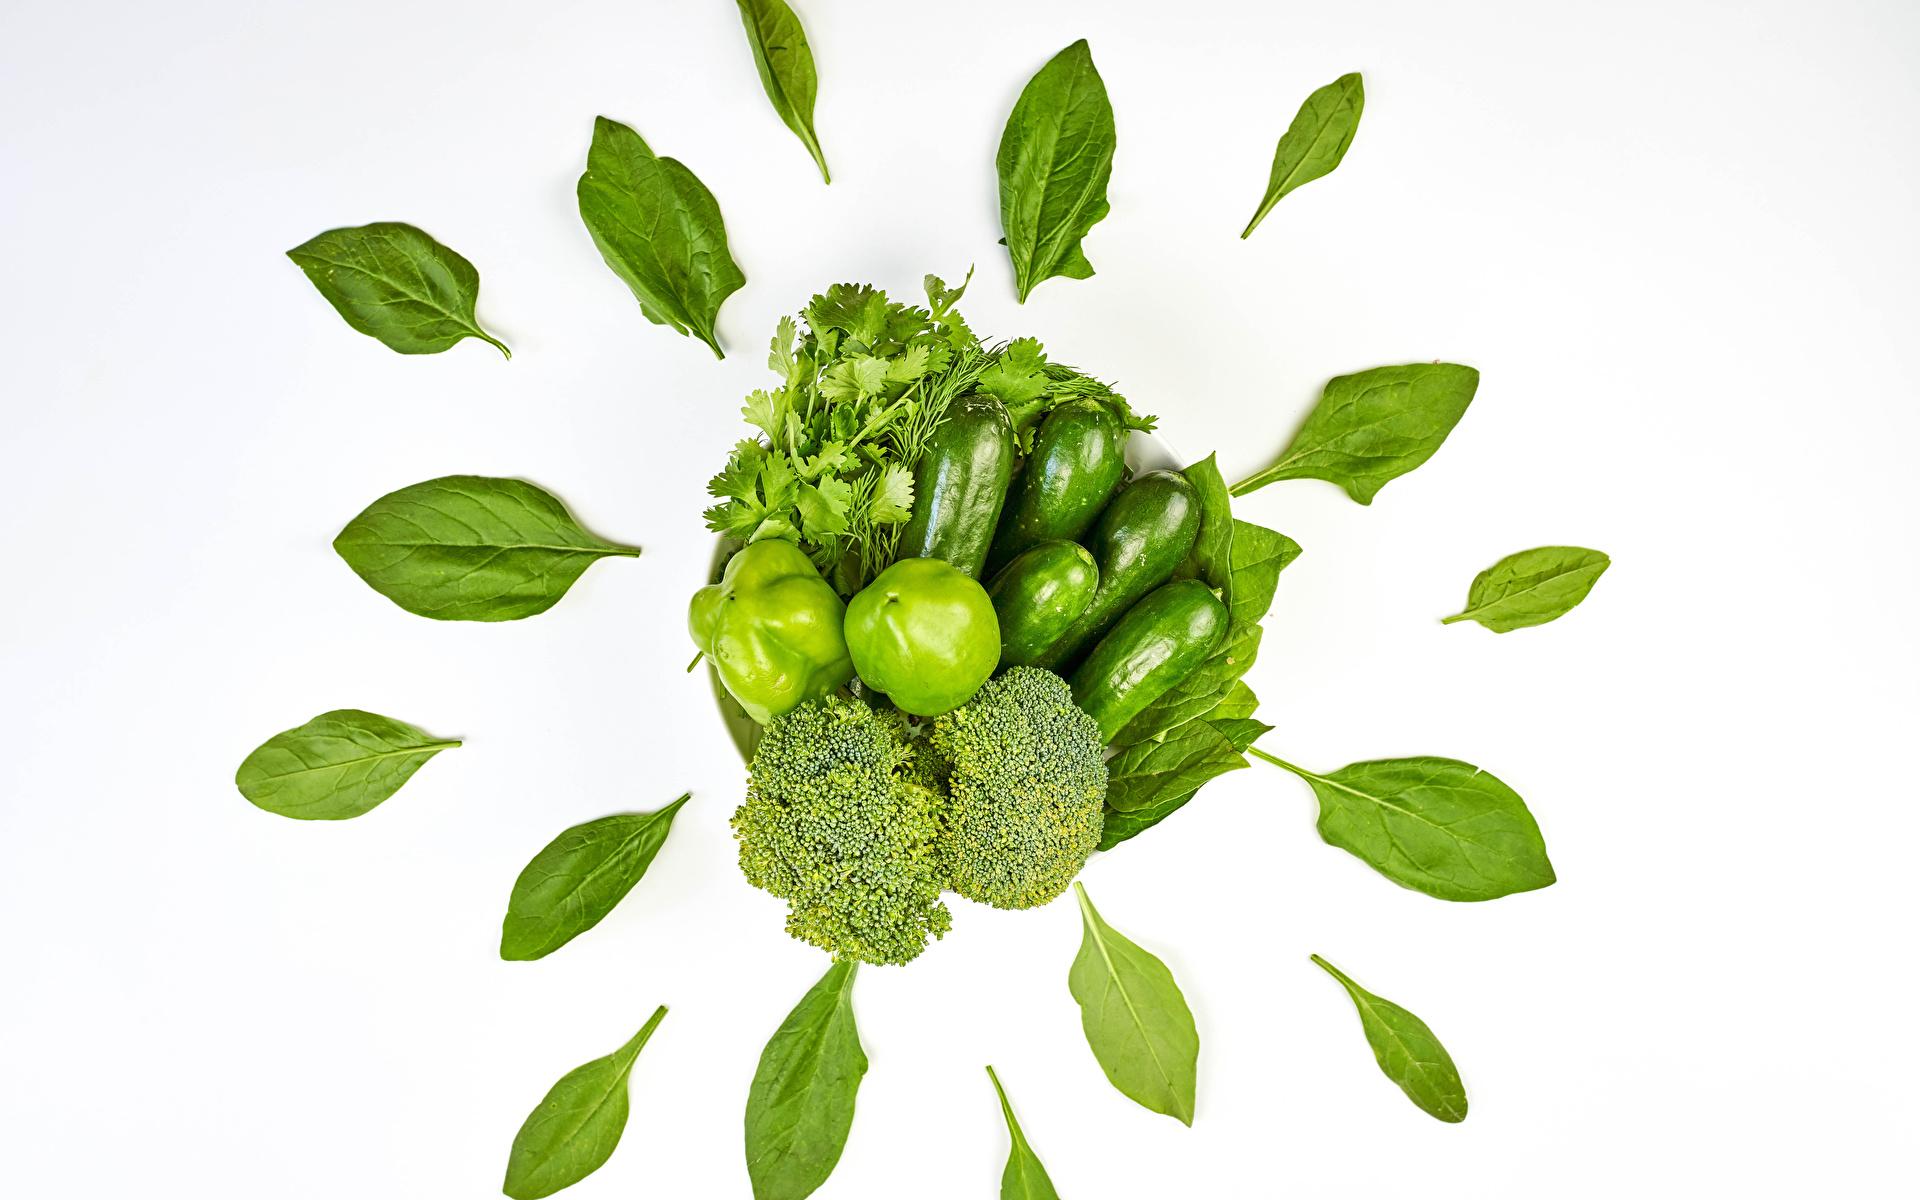 Фотография Листья parsley Огурцы Зеленый Брокколи Еда Овощи перец овощной Белый фон 1920x1200 лист Листва зеленая зеленые зеленых Пища Перец Продукты питания белом фоне белым фоном